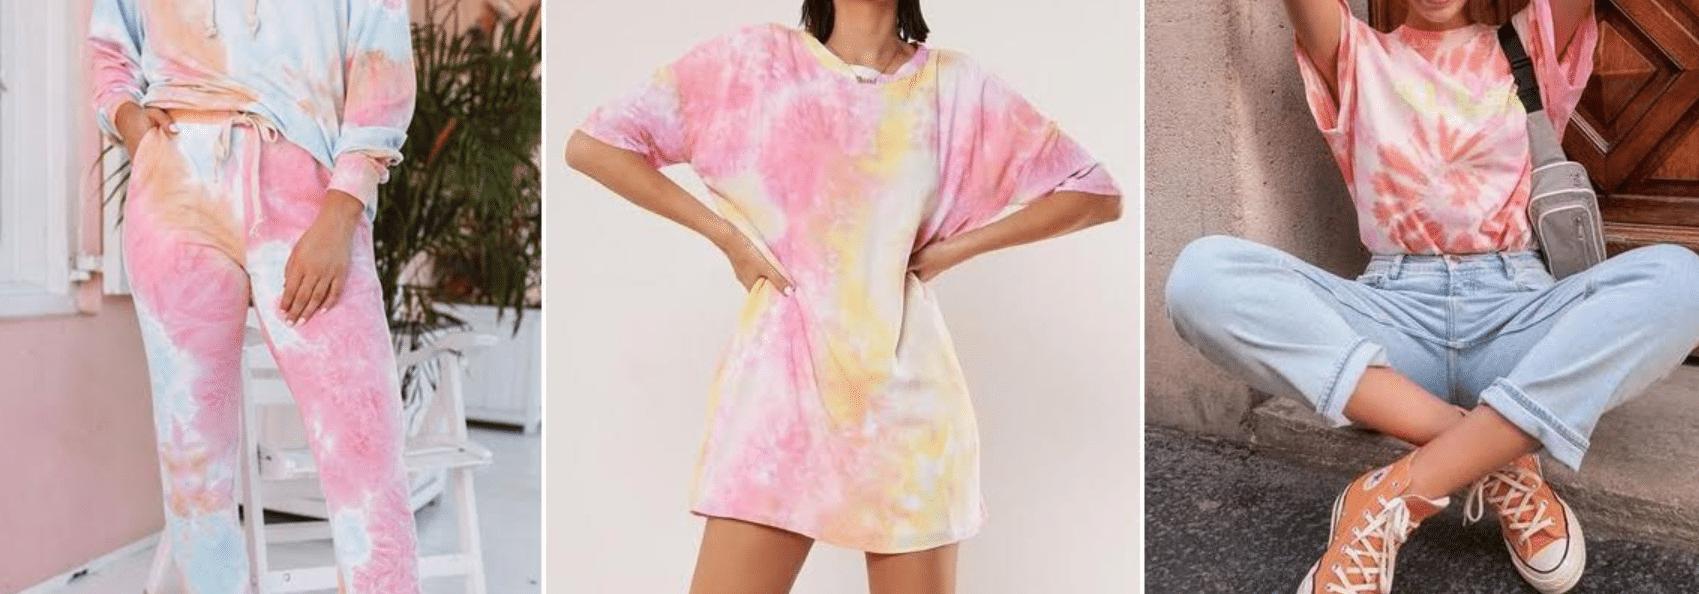 imagem de modelo usando camiseta tie dye em cores amarela e rosa